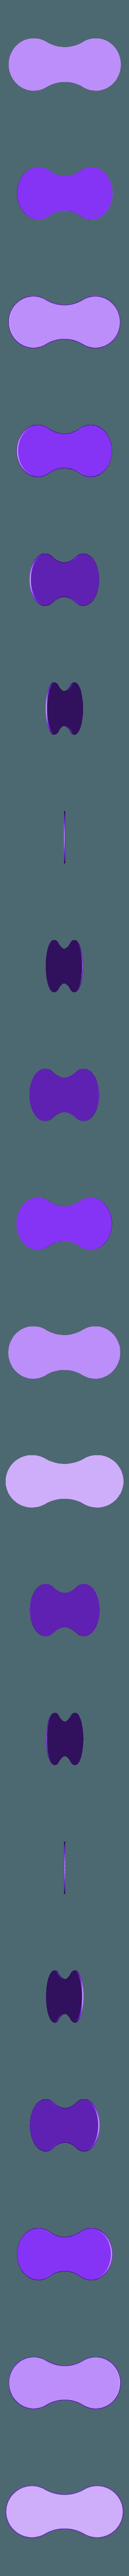 Padded_base.stl Télécharger fichier STL gratuit Affaire des jumelles • Plan à imprimer en 3D, CartesianCreationsAU